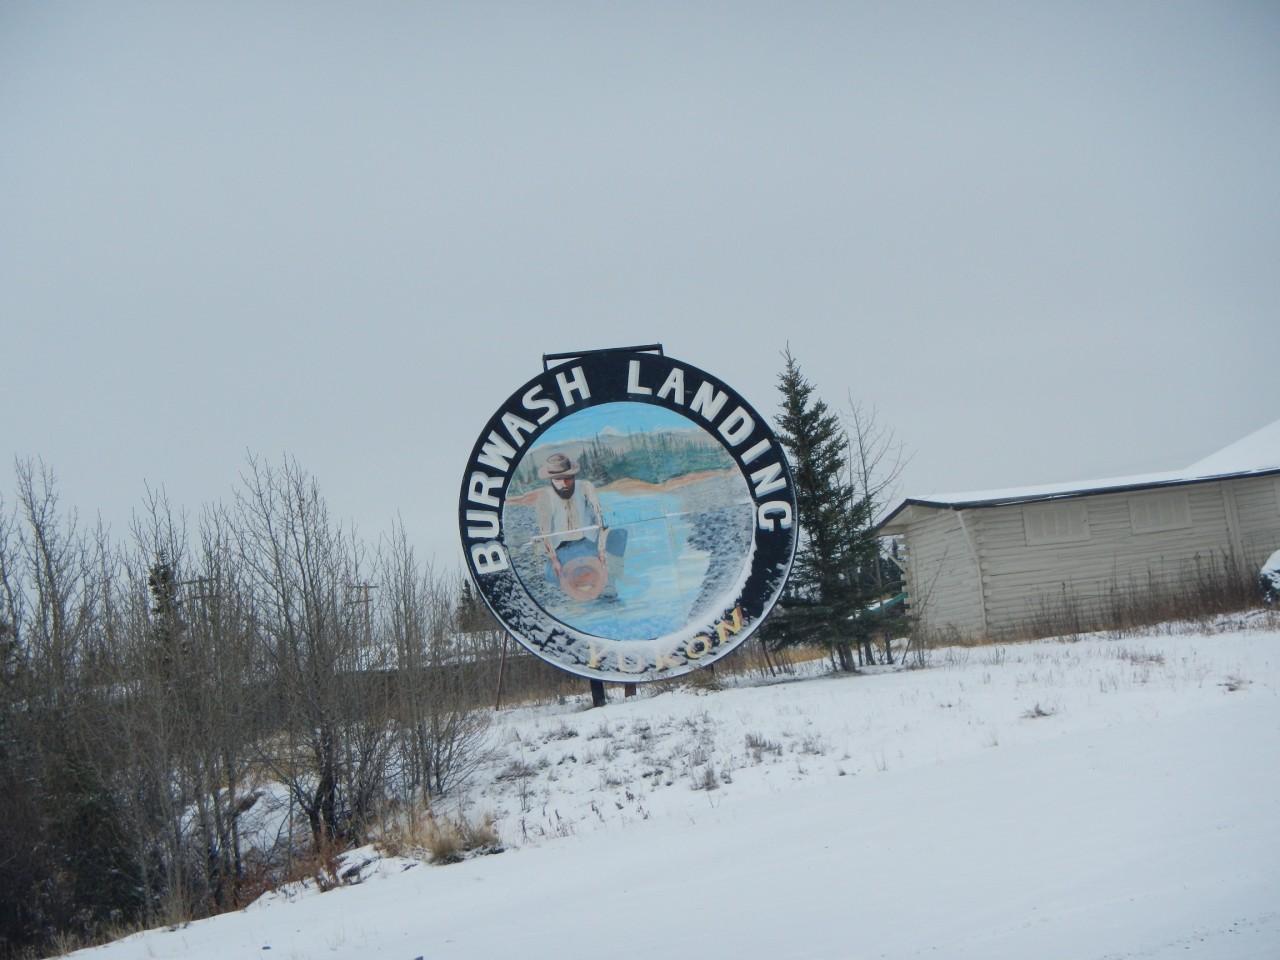 Alaska Canada Highway 21